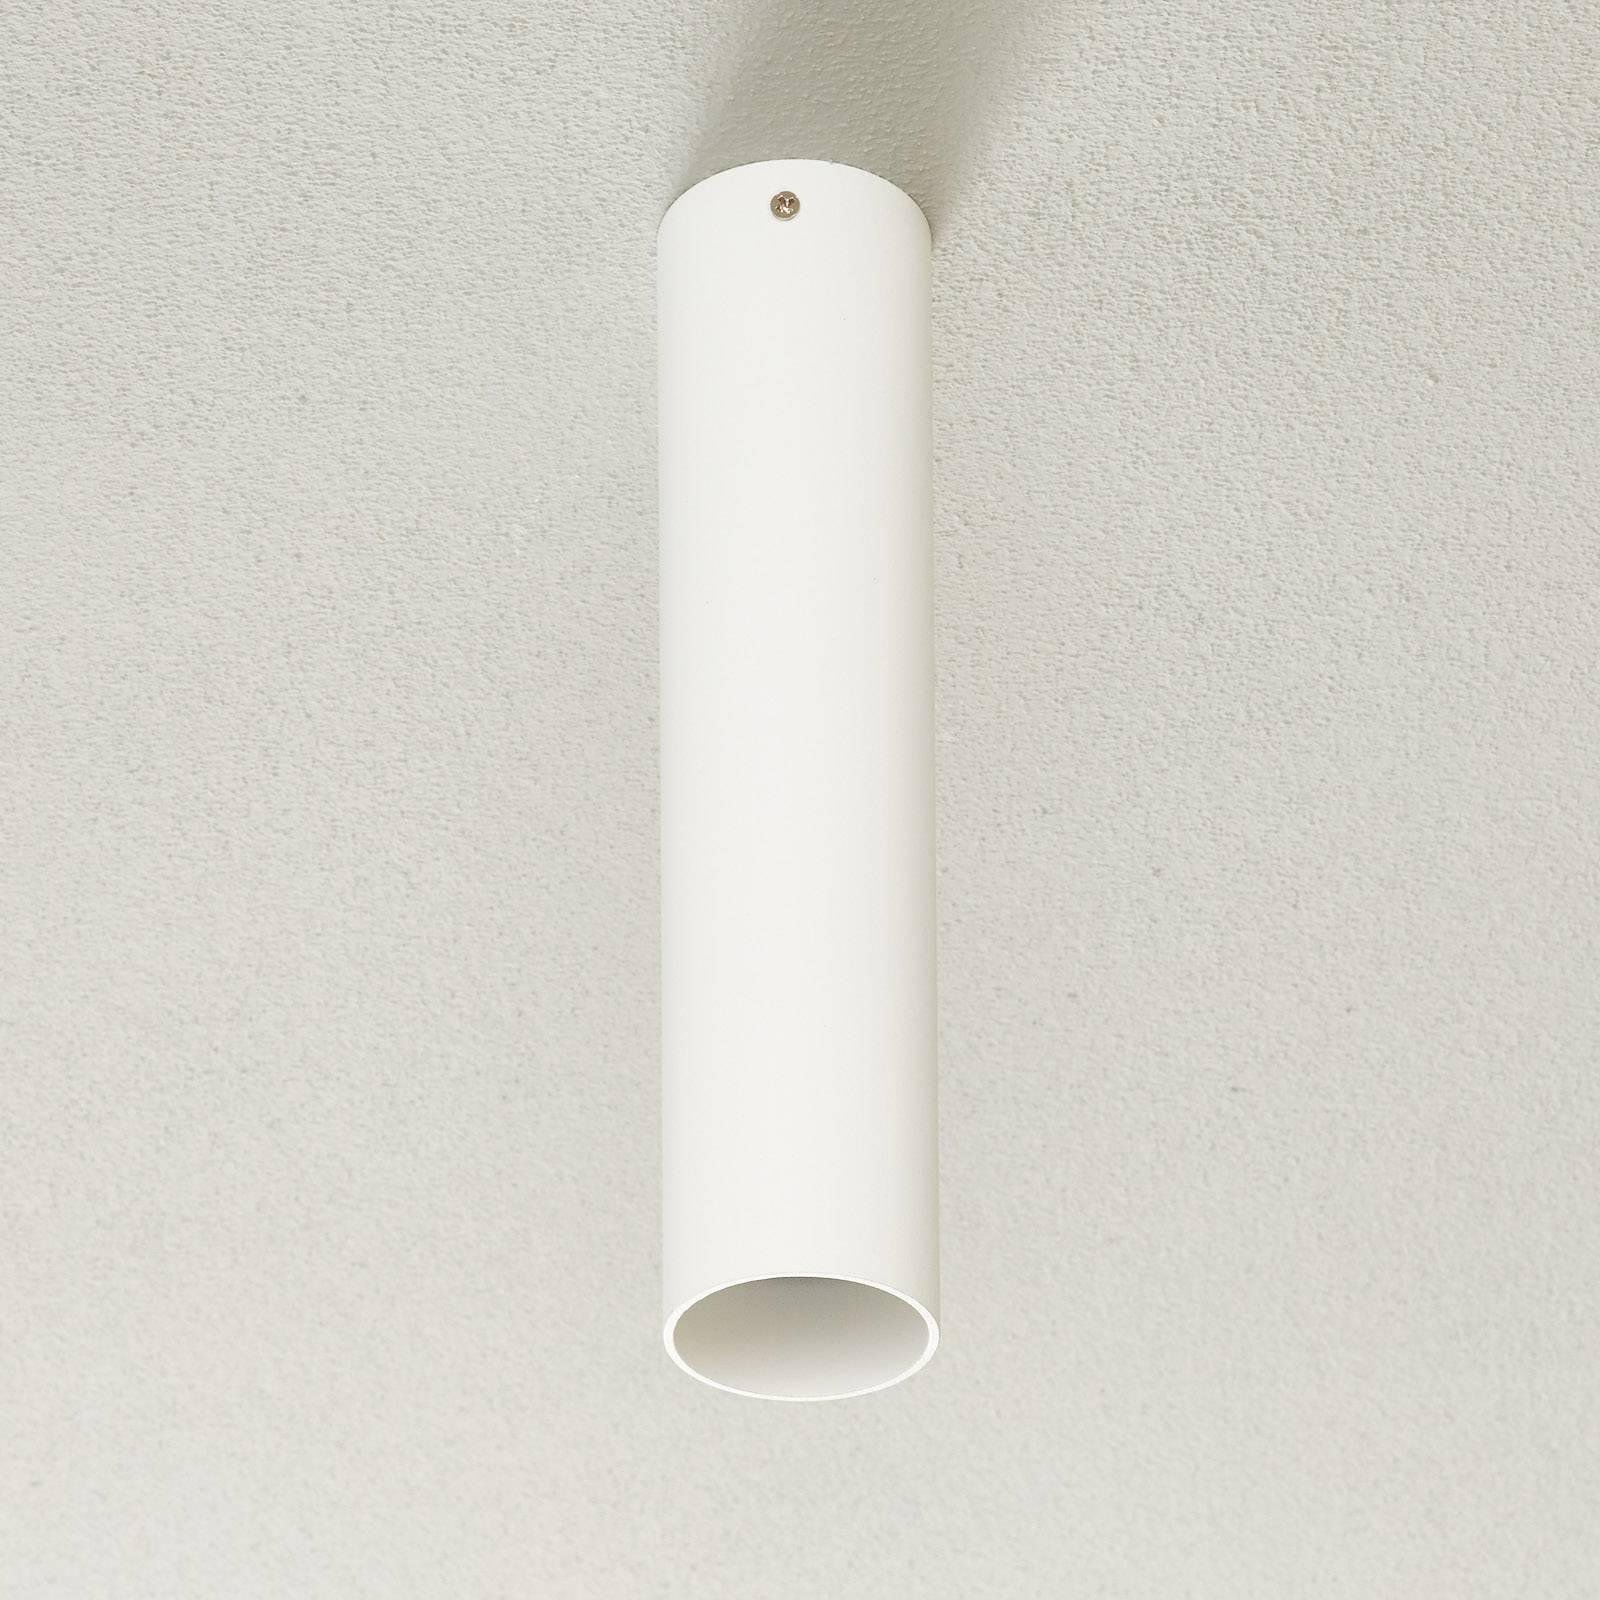 Lucande Takio -alasvalo GU10 Ø 6 cm valkoinen